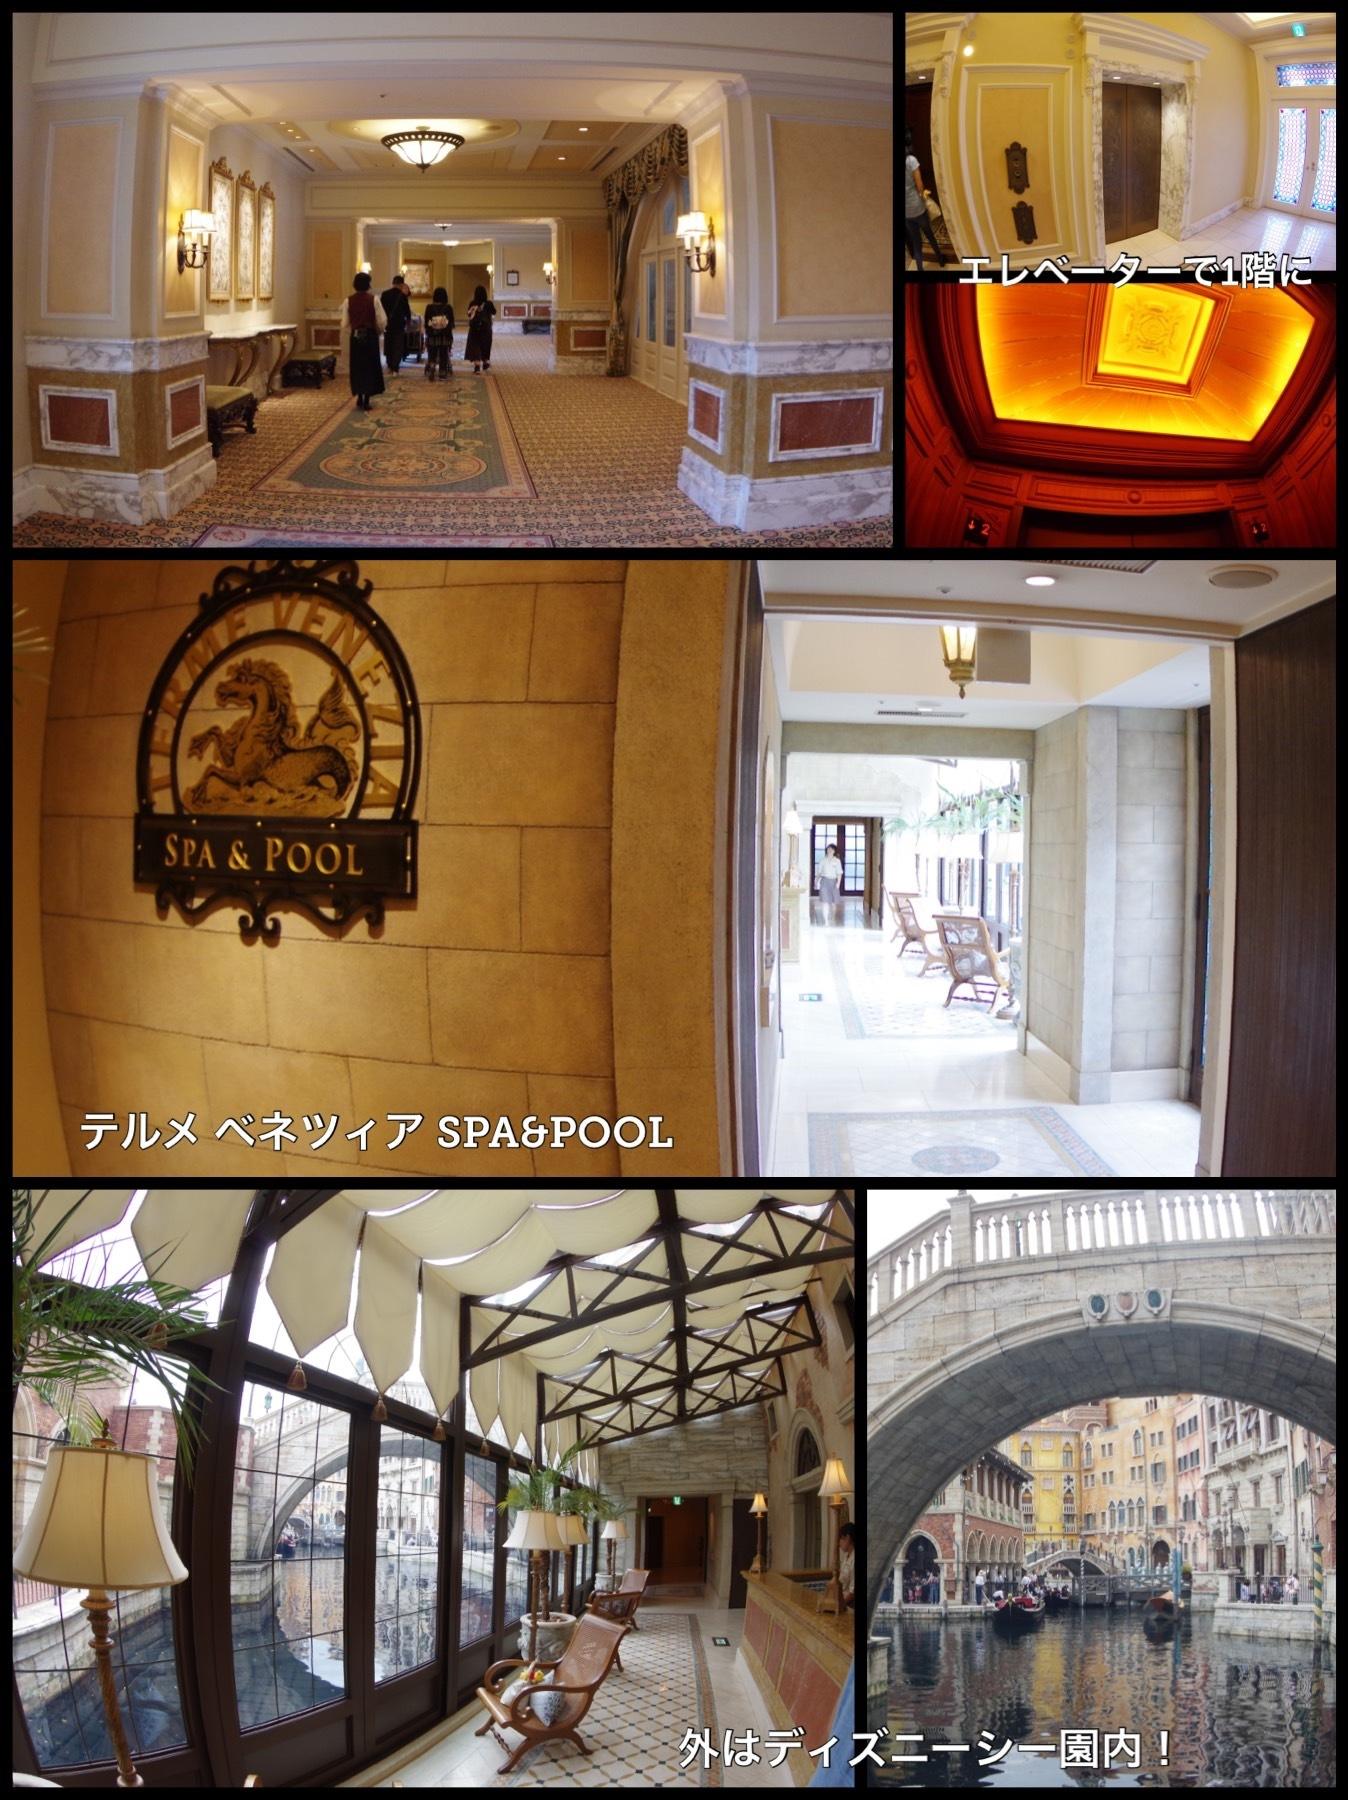 東京ディズニーシー スパとプール ホテルミラコスタ テルメヴェネチア